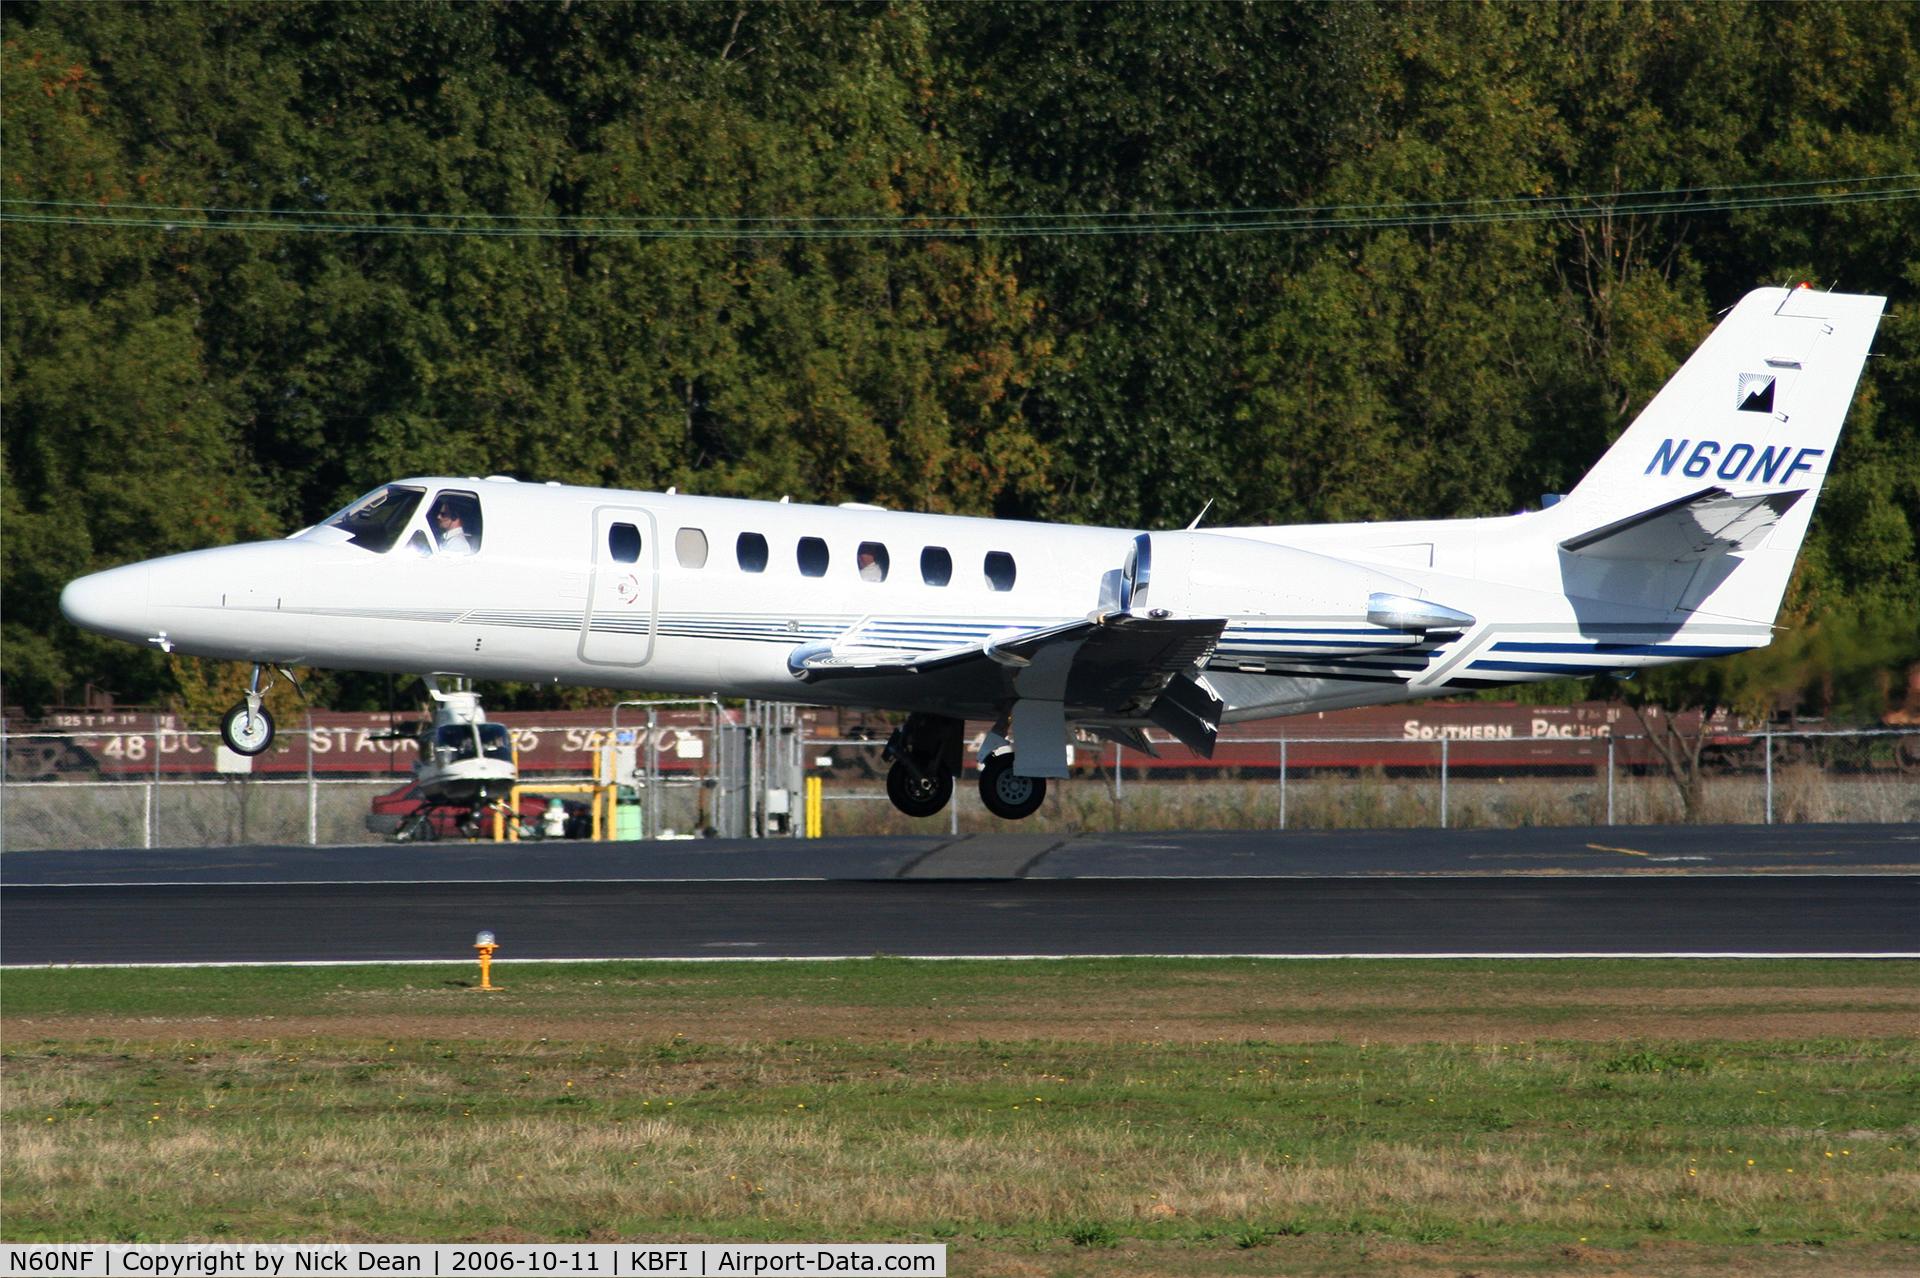 N60NF, 2001 Cessna 560 C/N 560-0562, KBFI